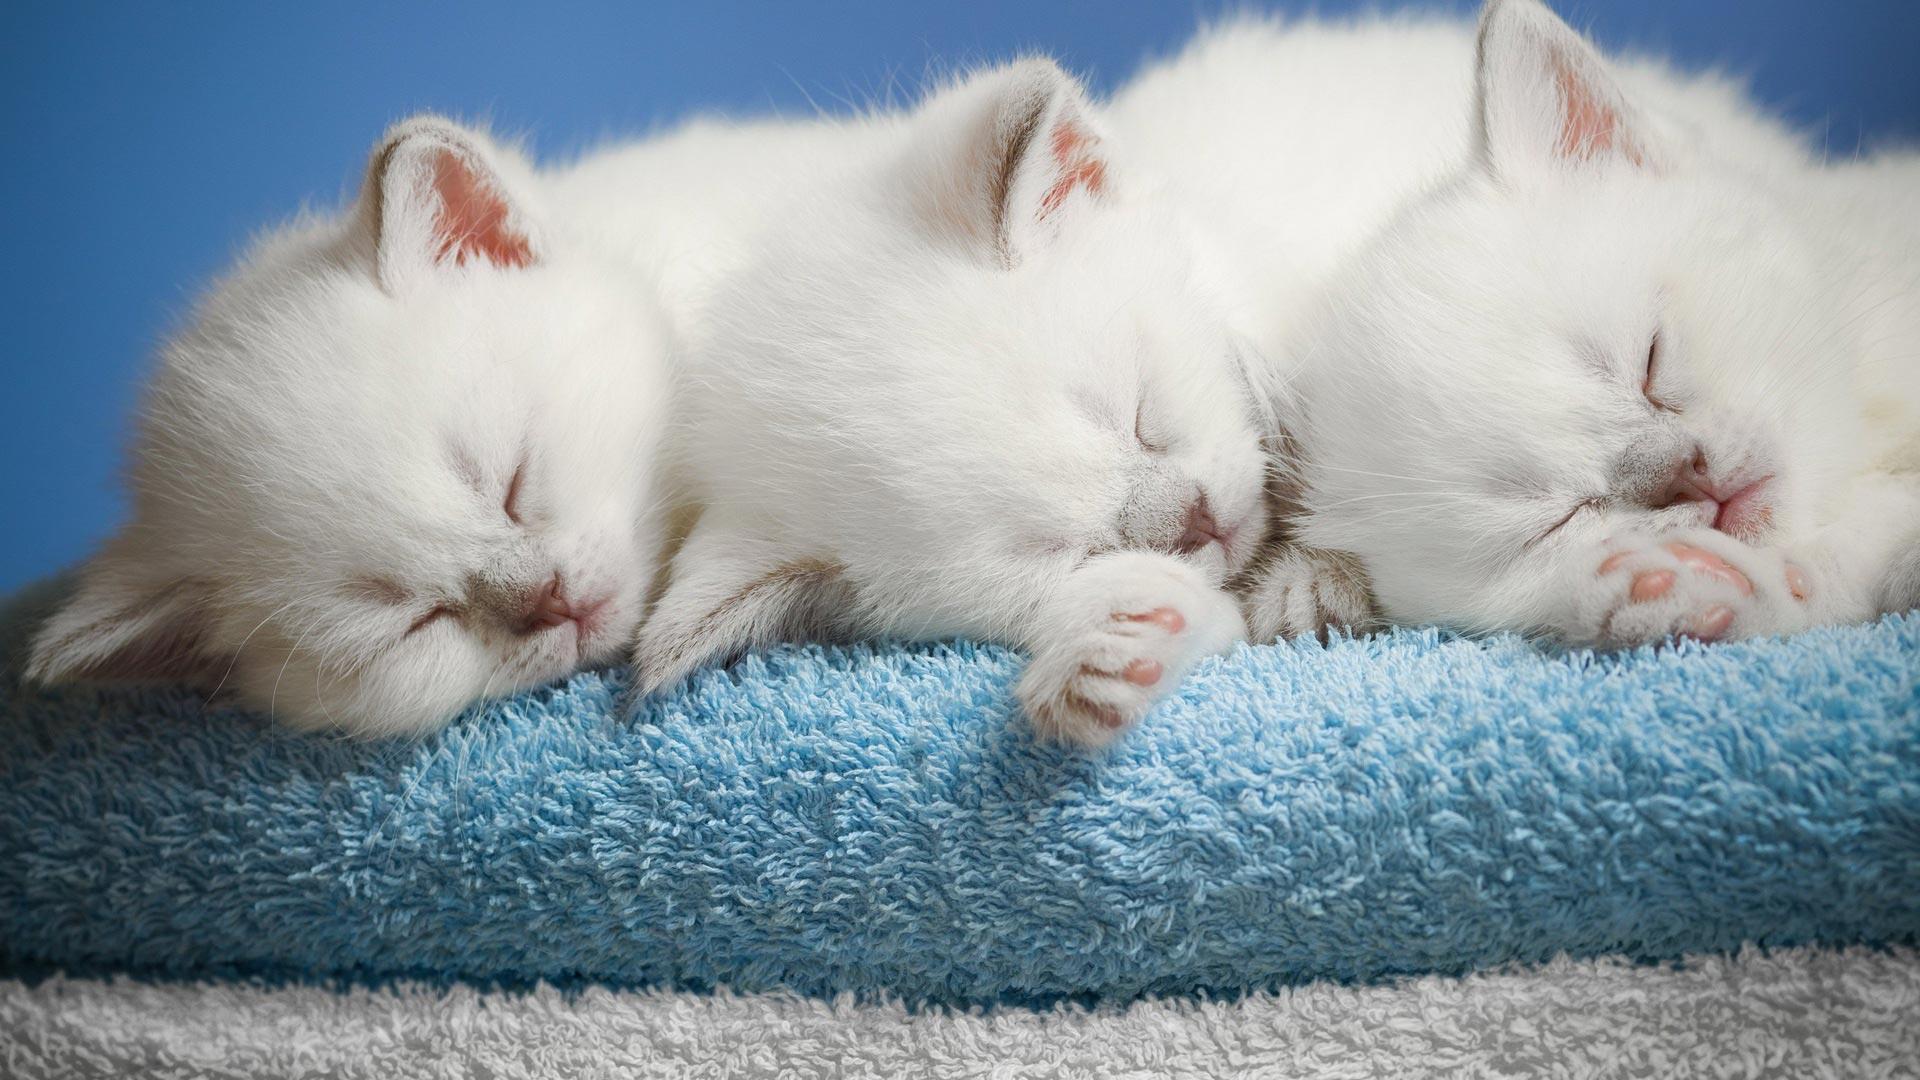 صورة مميزة ورائعة لثلاث قطط لونهم ابيض نائميين